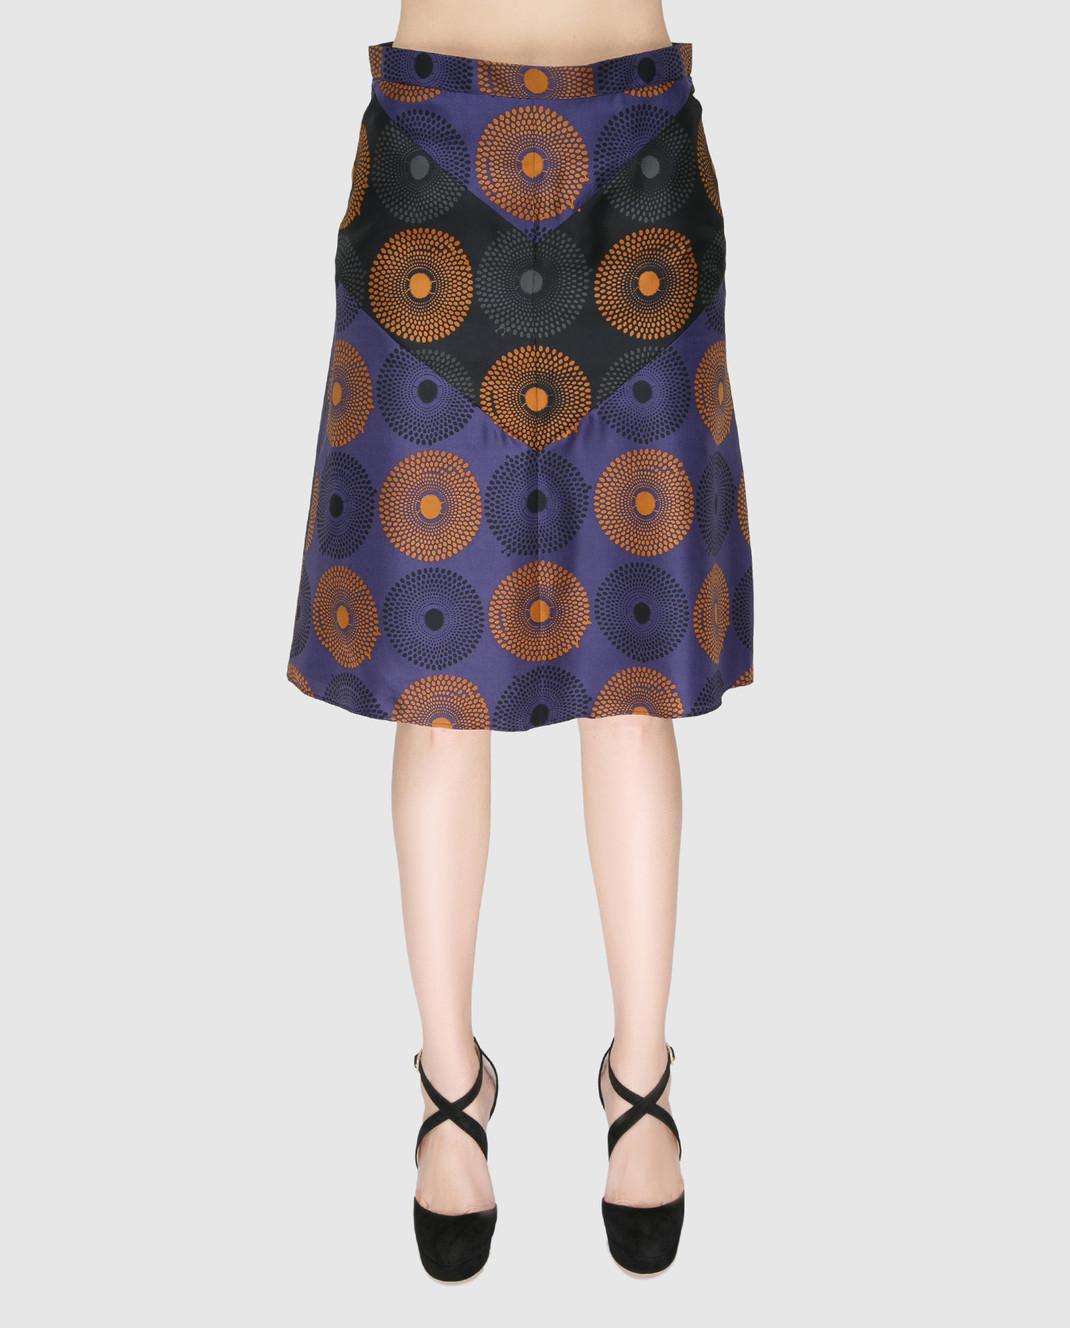 NINA RICCI Синяя юбка из шелка 17PCJU008SE1249 изображение 3